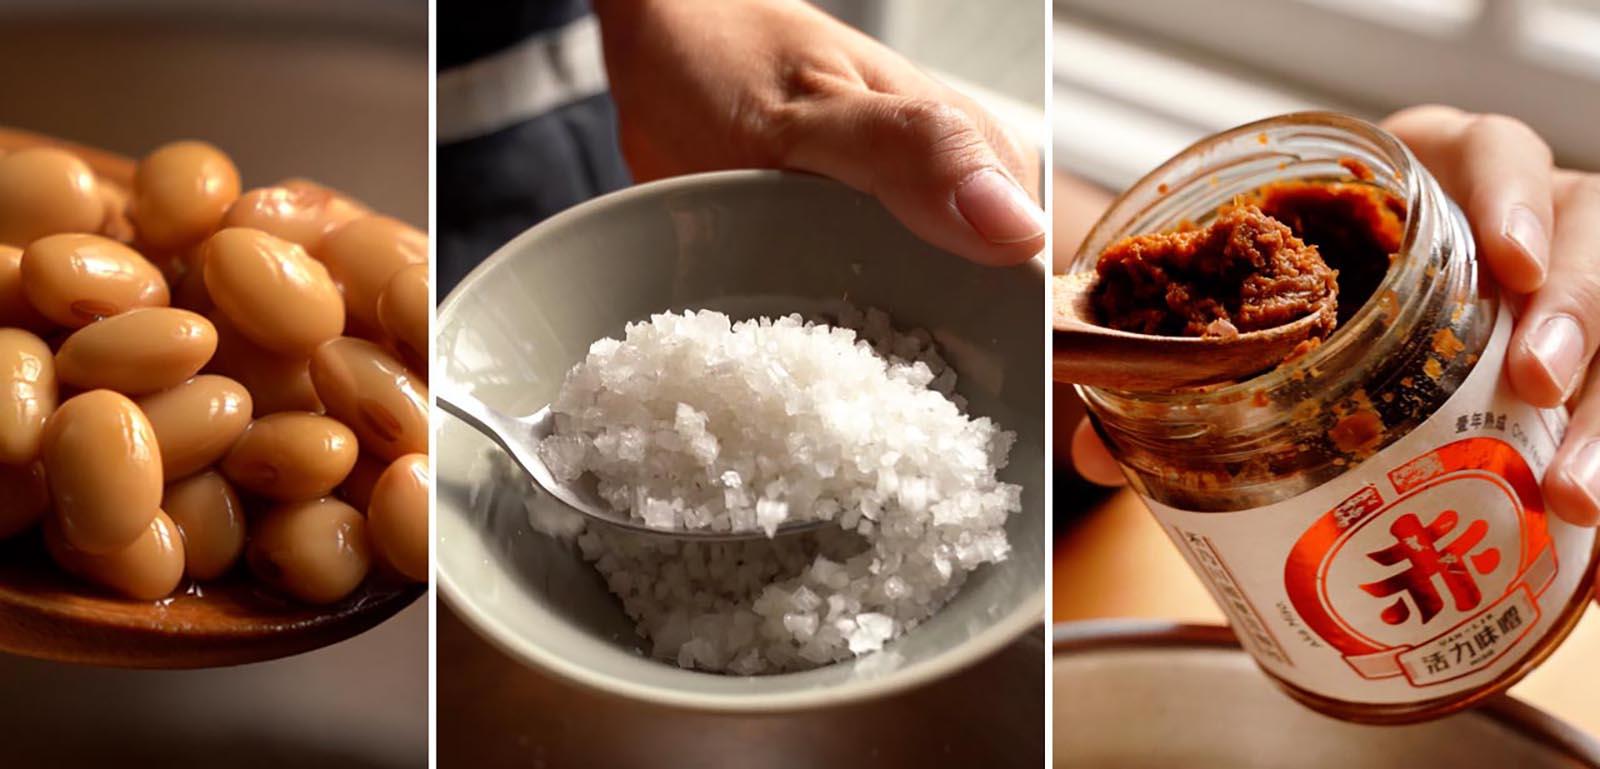 現在最紅的「米麴」要去哪裡買呢?禾乃川告訴您,我們全新慢慢釀系列商品隆重登場「禾乃川米麴」,經由師傅用心的照顧,讓米麴擁有安心的環境可以慢慢長大,並且選用日本300多年味噌老店的優良菌種「糀kouji」,再搭配花蓮羅山有機白米,經過浸泡、蒸熟、播散、翻攪散熱等古法,擁有米麴即可以自己釀造味噌、味醂、醬油、鹽麴和甘酒喔! ! 禾乃川國產豆製所除了禾乃川米麴之外,還有做味噌不可以缺乏的重要元素「台灣國產黃豆」一次滿足您的所有需求,和家人朋友一起捲起袖子動手做做看吧!   改變生命的豆漿店